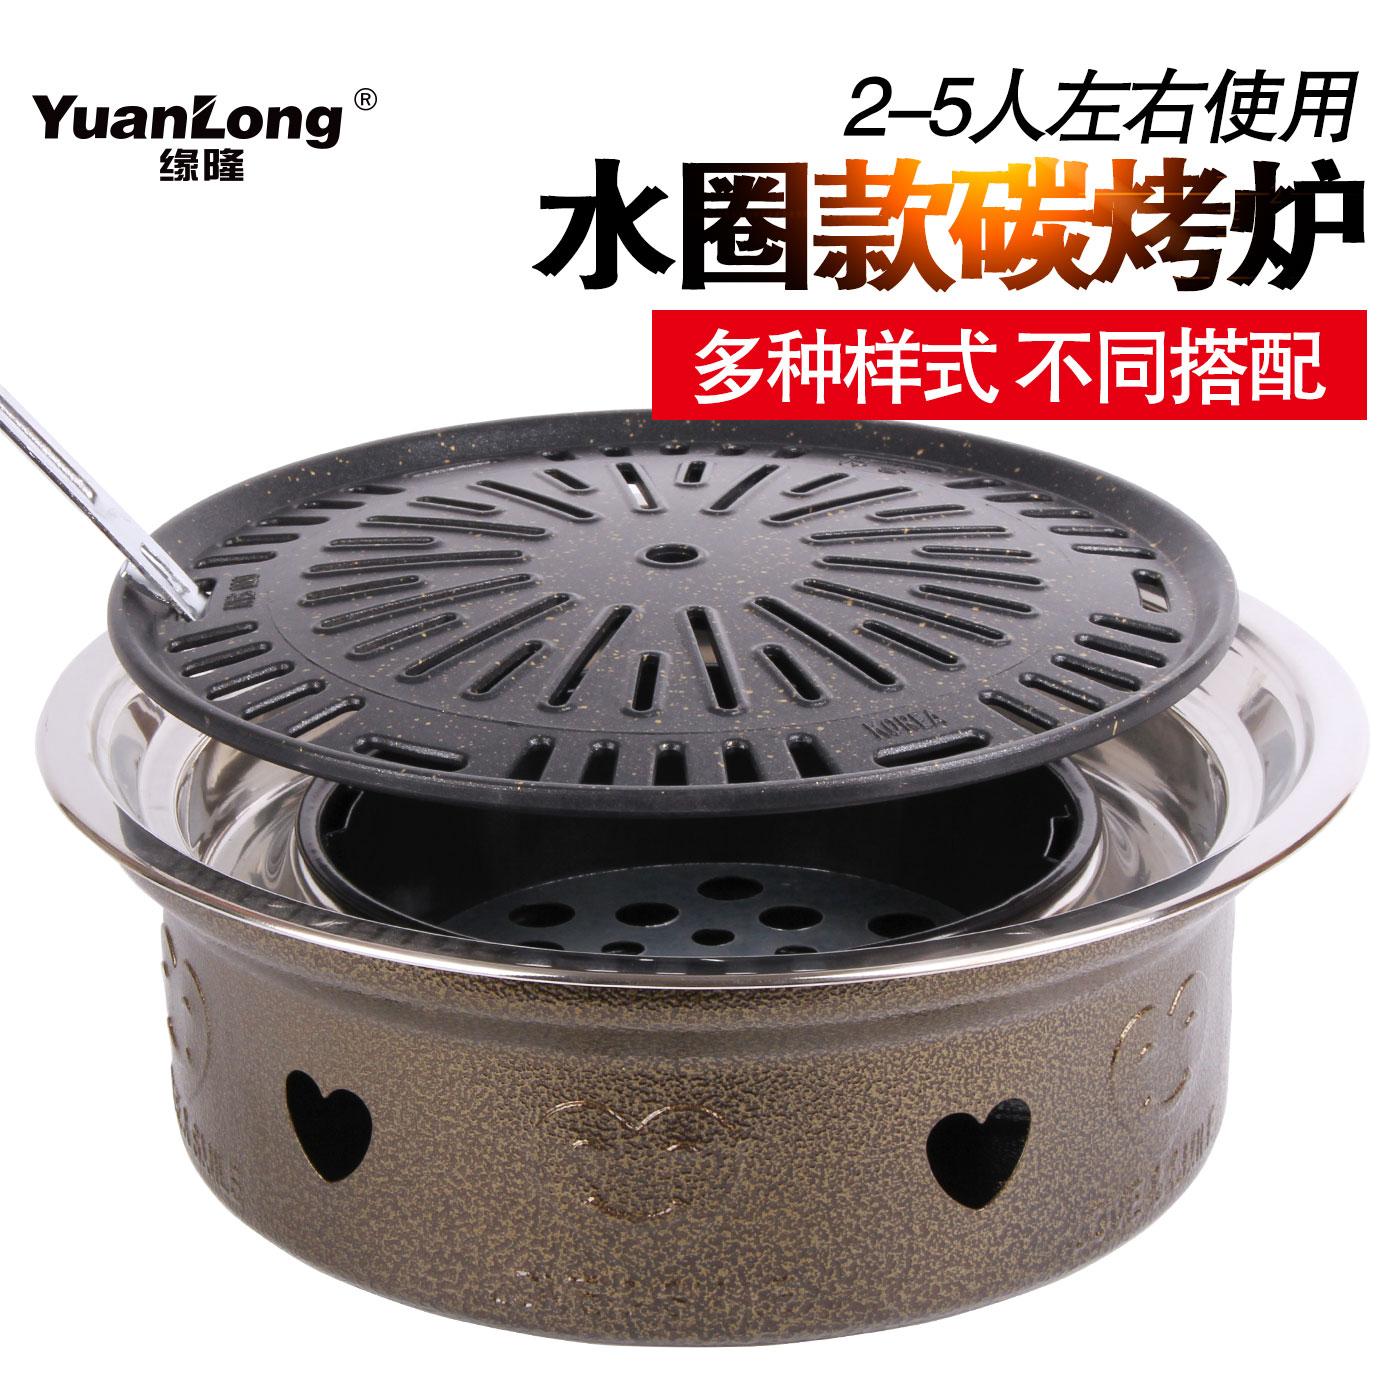 缘隆韩式碳火烤肉炉具室内圆形烤肉锅室外烧烤炉子家用炭火烤炉架